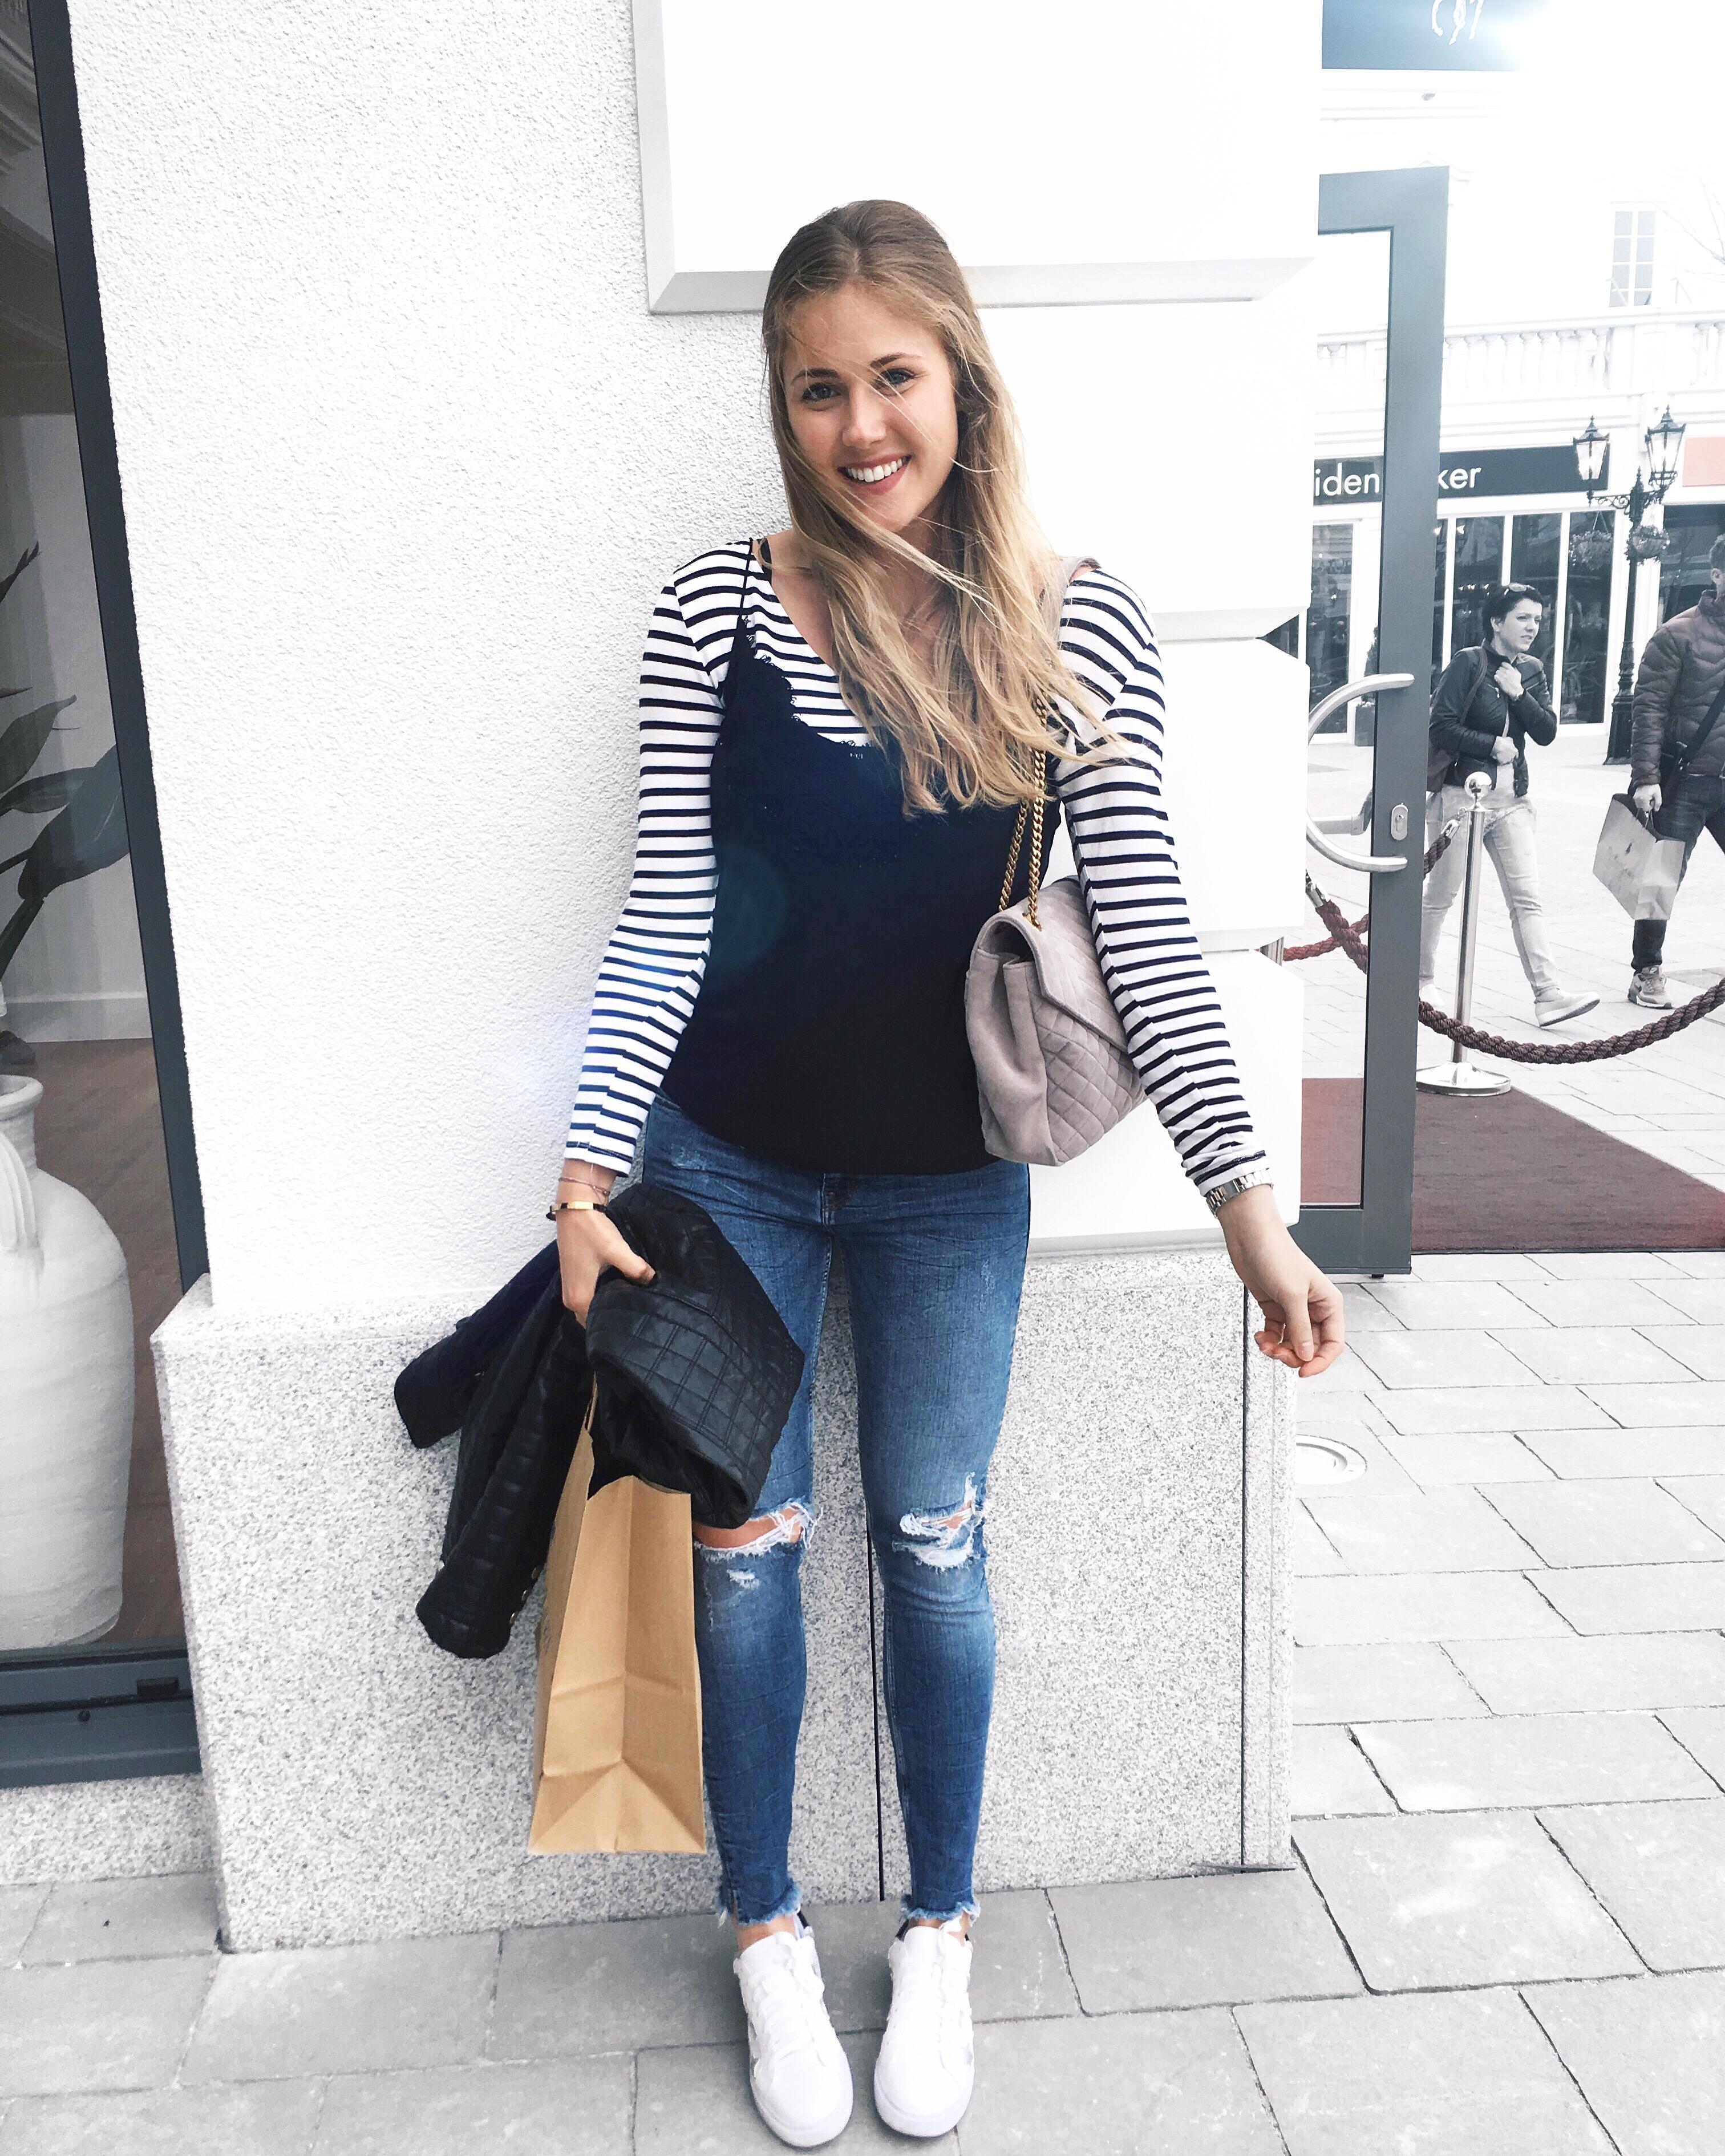 Bits and Bobs by Eva, Blog, Austrian Blog, Österreich blog, österreichische blogger, lifestyle blog, lifestyle, fashion, food, fitness, travel, inspiration, lovedailydose, the daily dose, bitsandbobsbyeva, bits and bobs, blog, blogger, deutsche blogger, german blogger, österreich, linz, wien, vienna, blonde girl, instagram blog, instagram outfits #4, instagram outfit, outfit inso, spring outfit, frühlingsoutfit, frühlingslook, eva outfit, pimkie shirt, kaktus shirt, one teaspoon shorts, zara pullover, ysl bag, parndorf, designer outlet